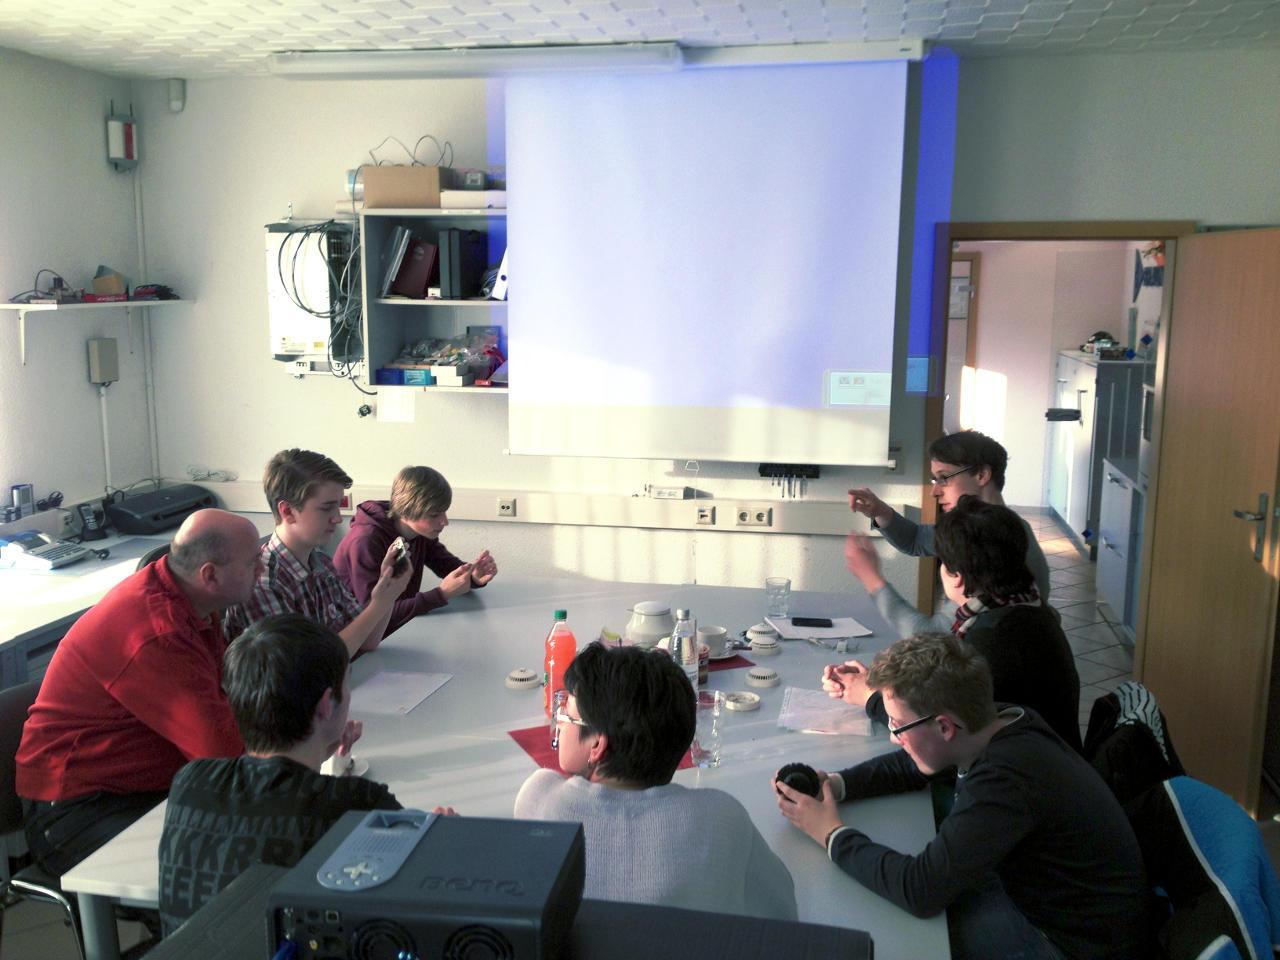 Das Bild zeigt die Vorführung des Ausbildungsplatzes als ITK-Techniker zu unserem Tag der offenen Tür